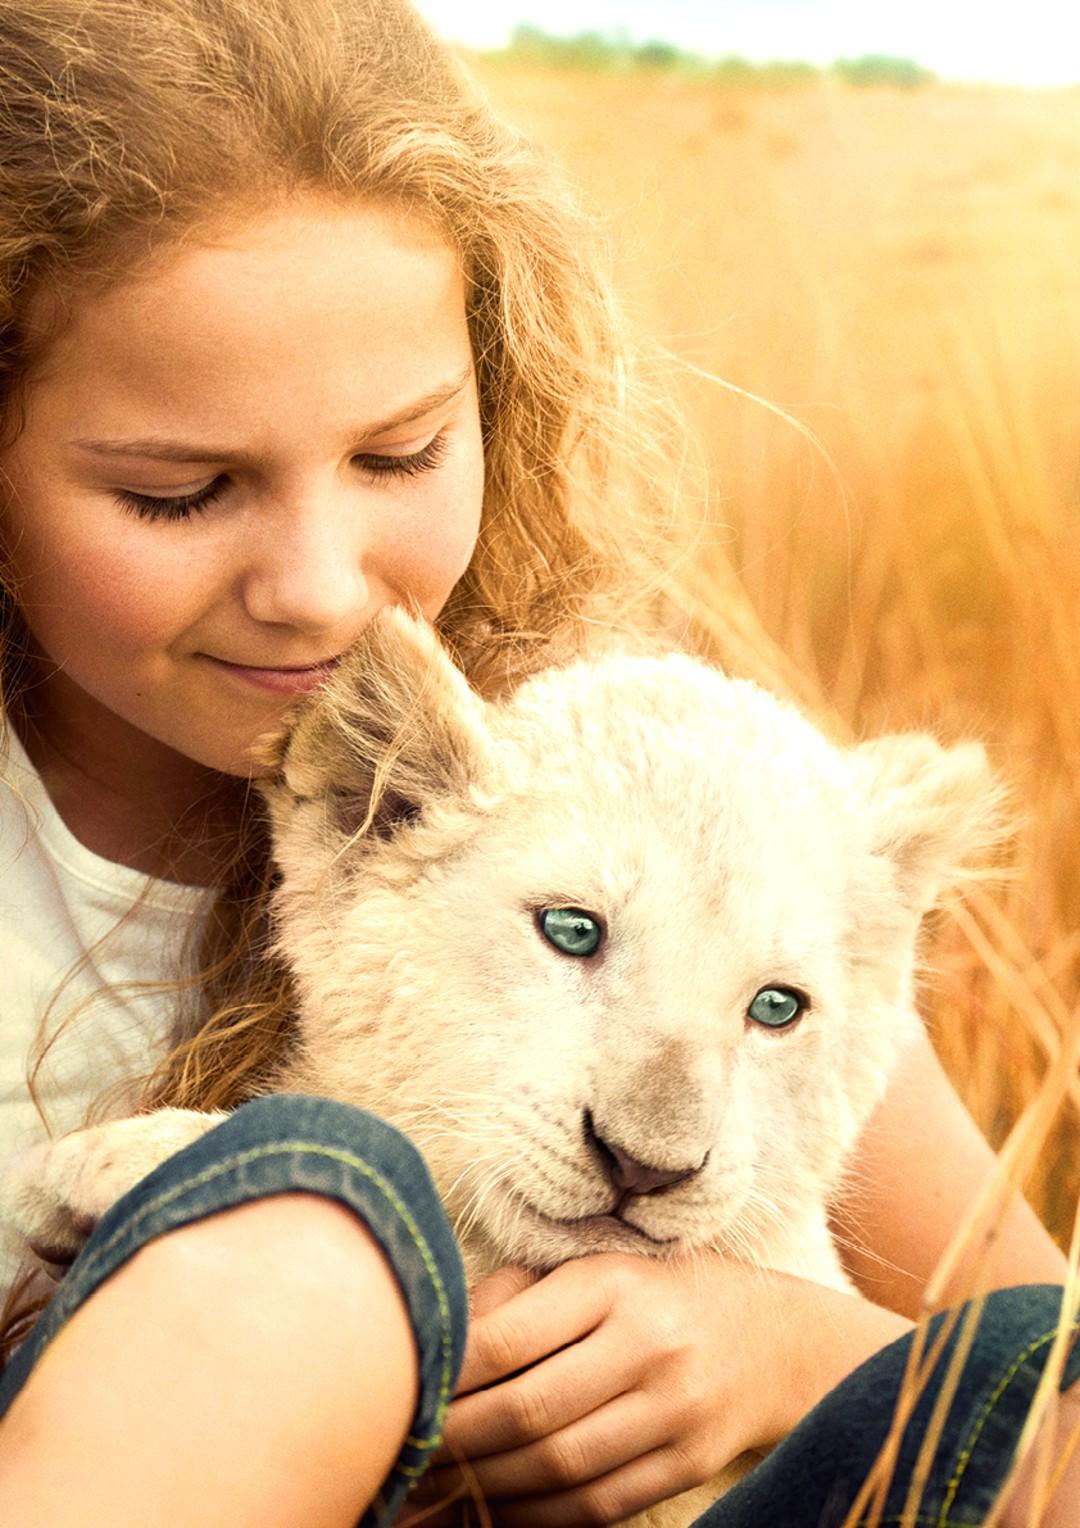 Mia Und Der Weisse Löwe - Bild 2 von 15